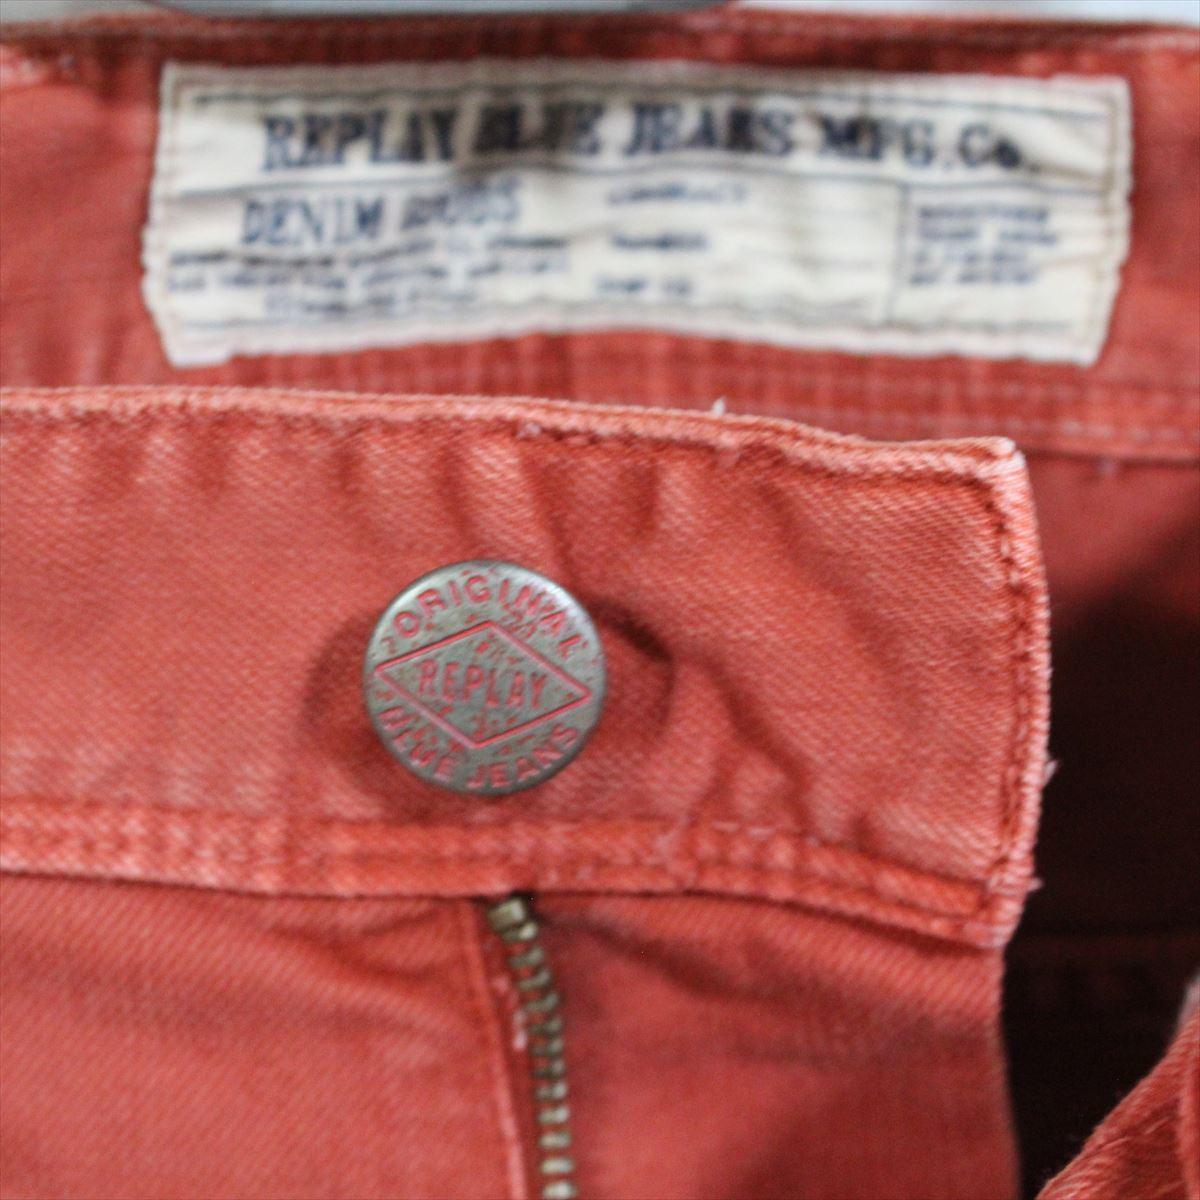 リプレイ REPLAY メンズカラーパンツ ジーンズ デニムパンツ SLIM レンガ色 33インチ 新品 REPLAY BLUE JEANS anbass slim jeans_画像3